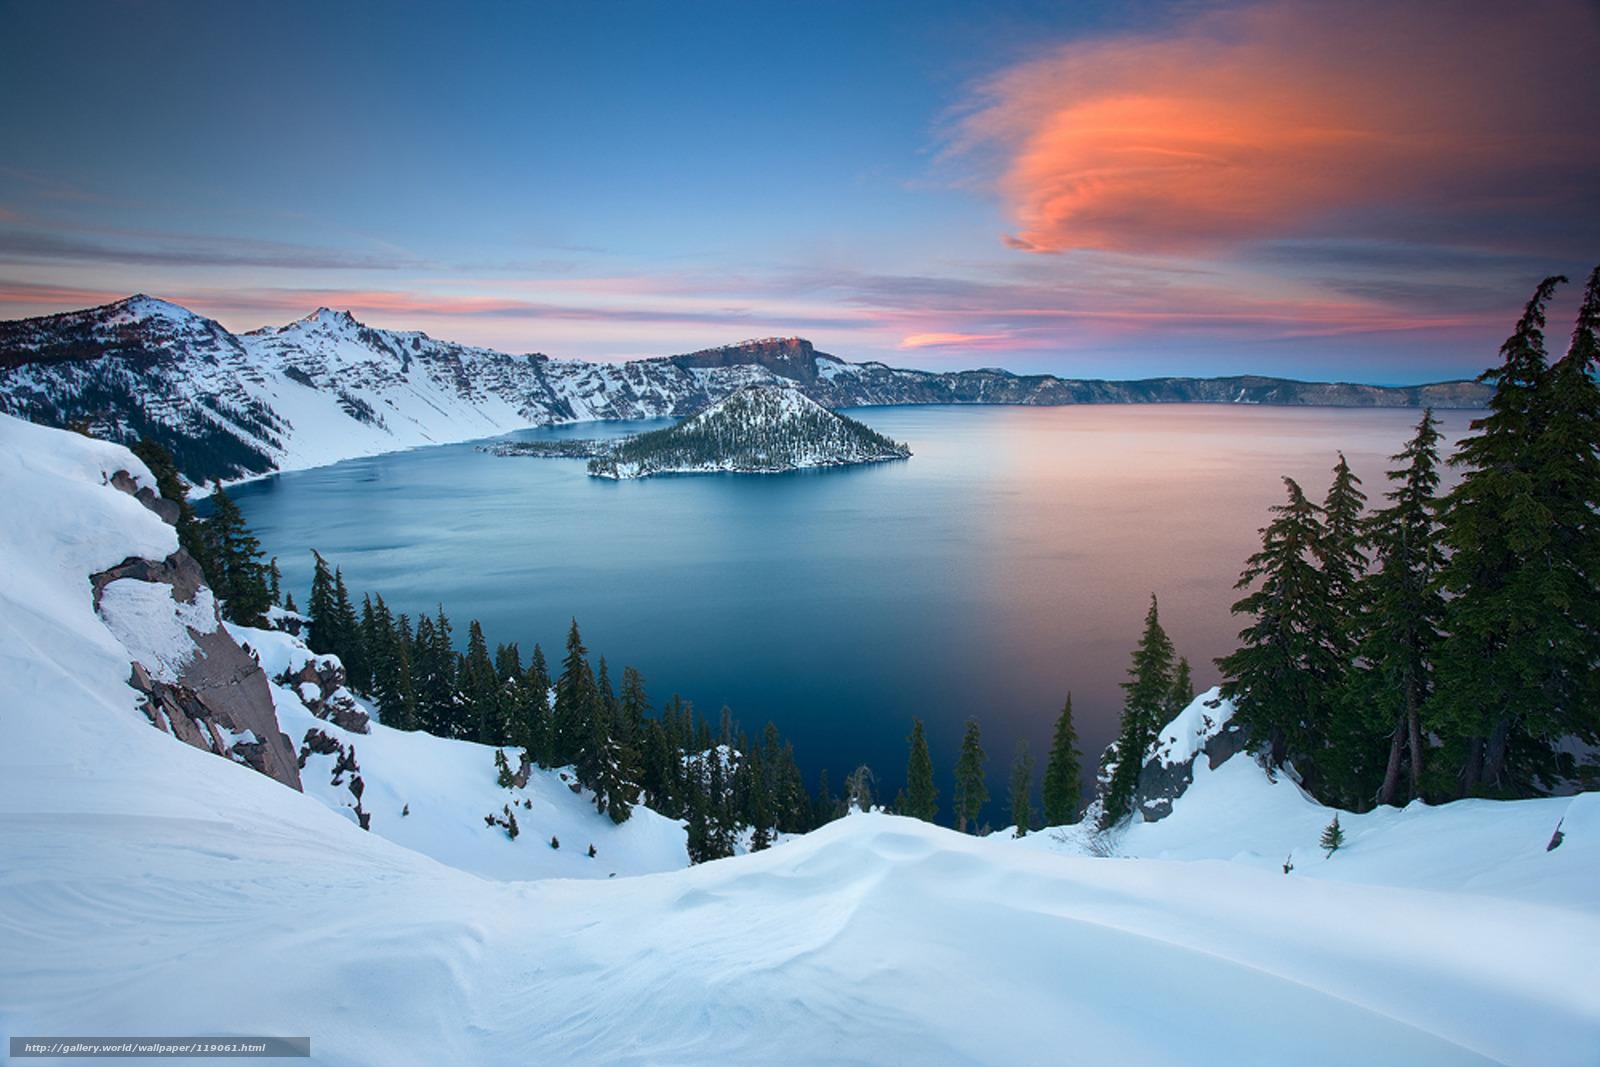 Tlcharger fond d 39 ecran hiver lac neige montagnes fonds for Foto fond ecran